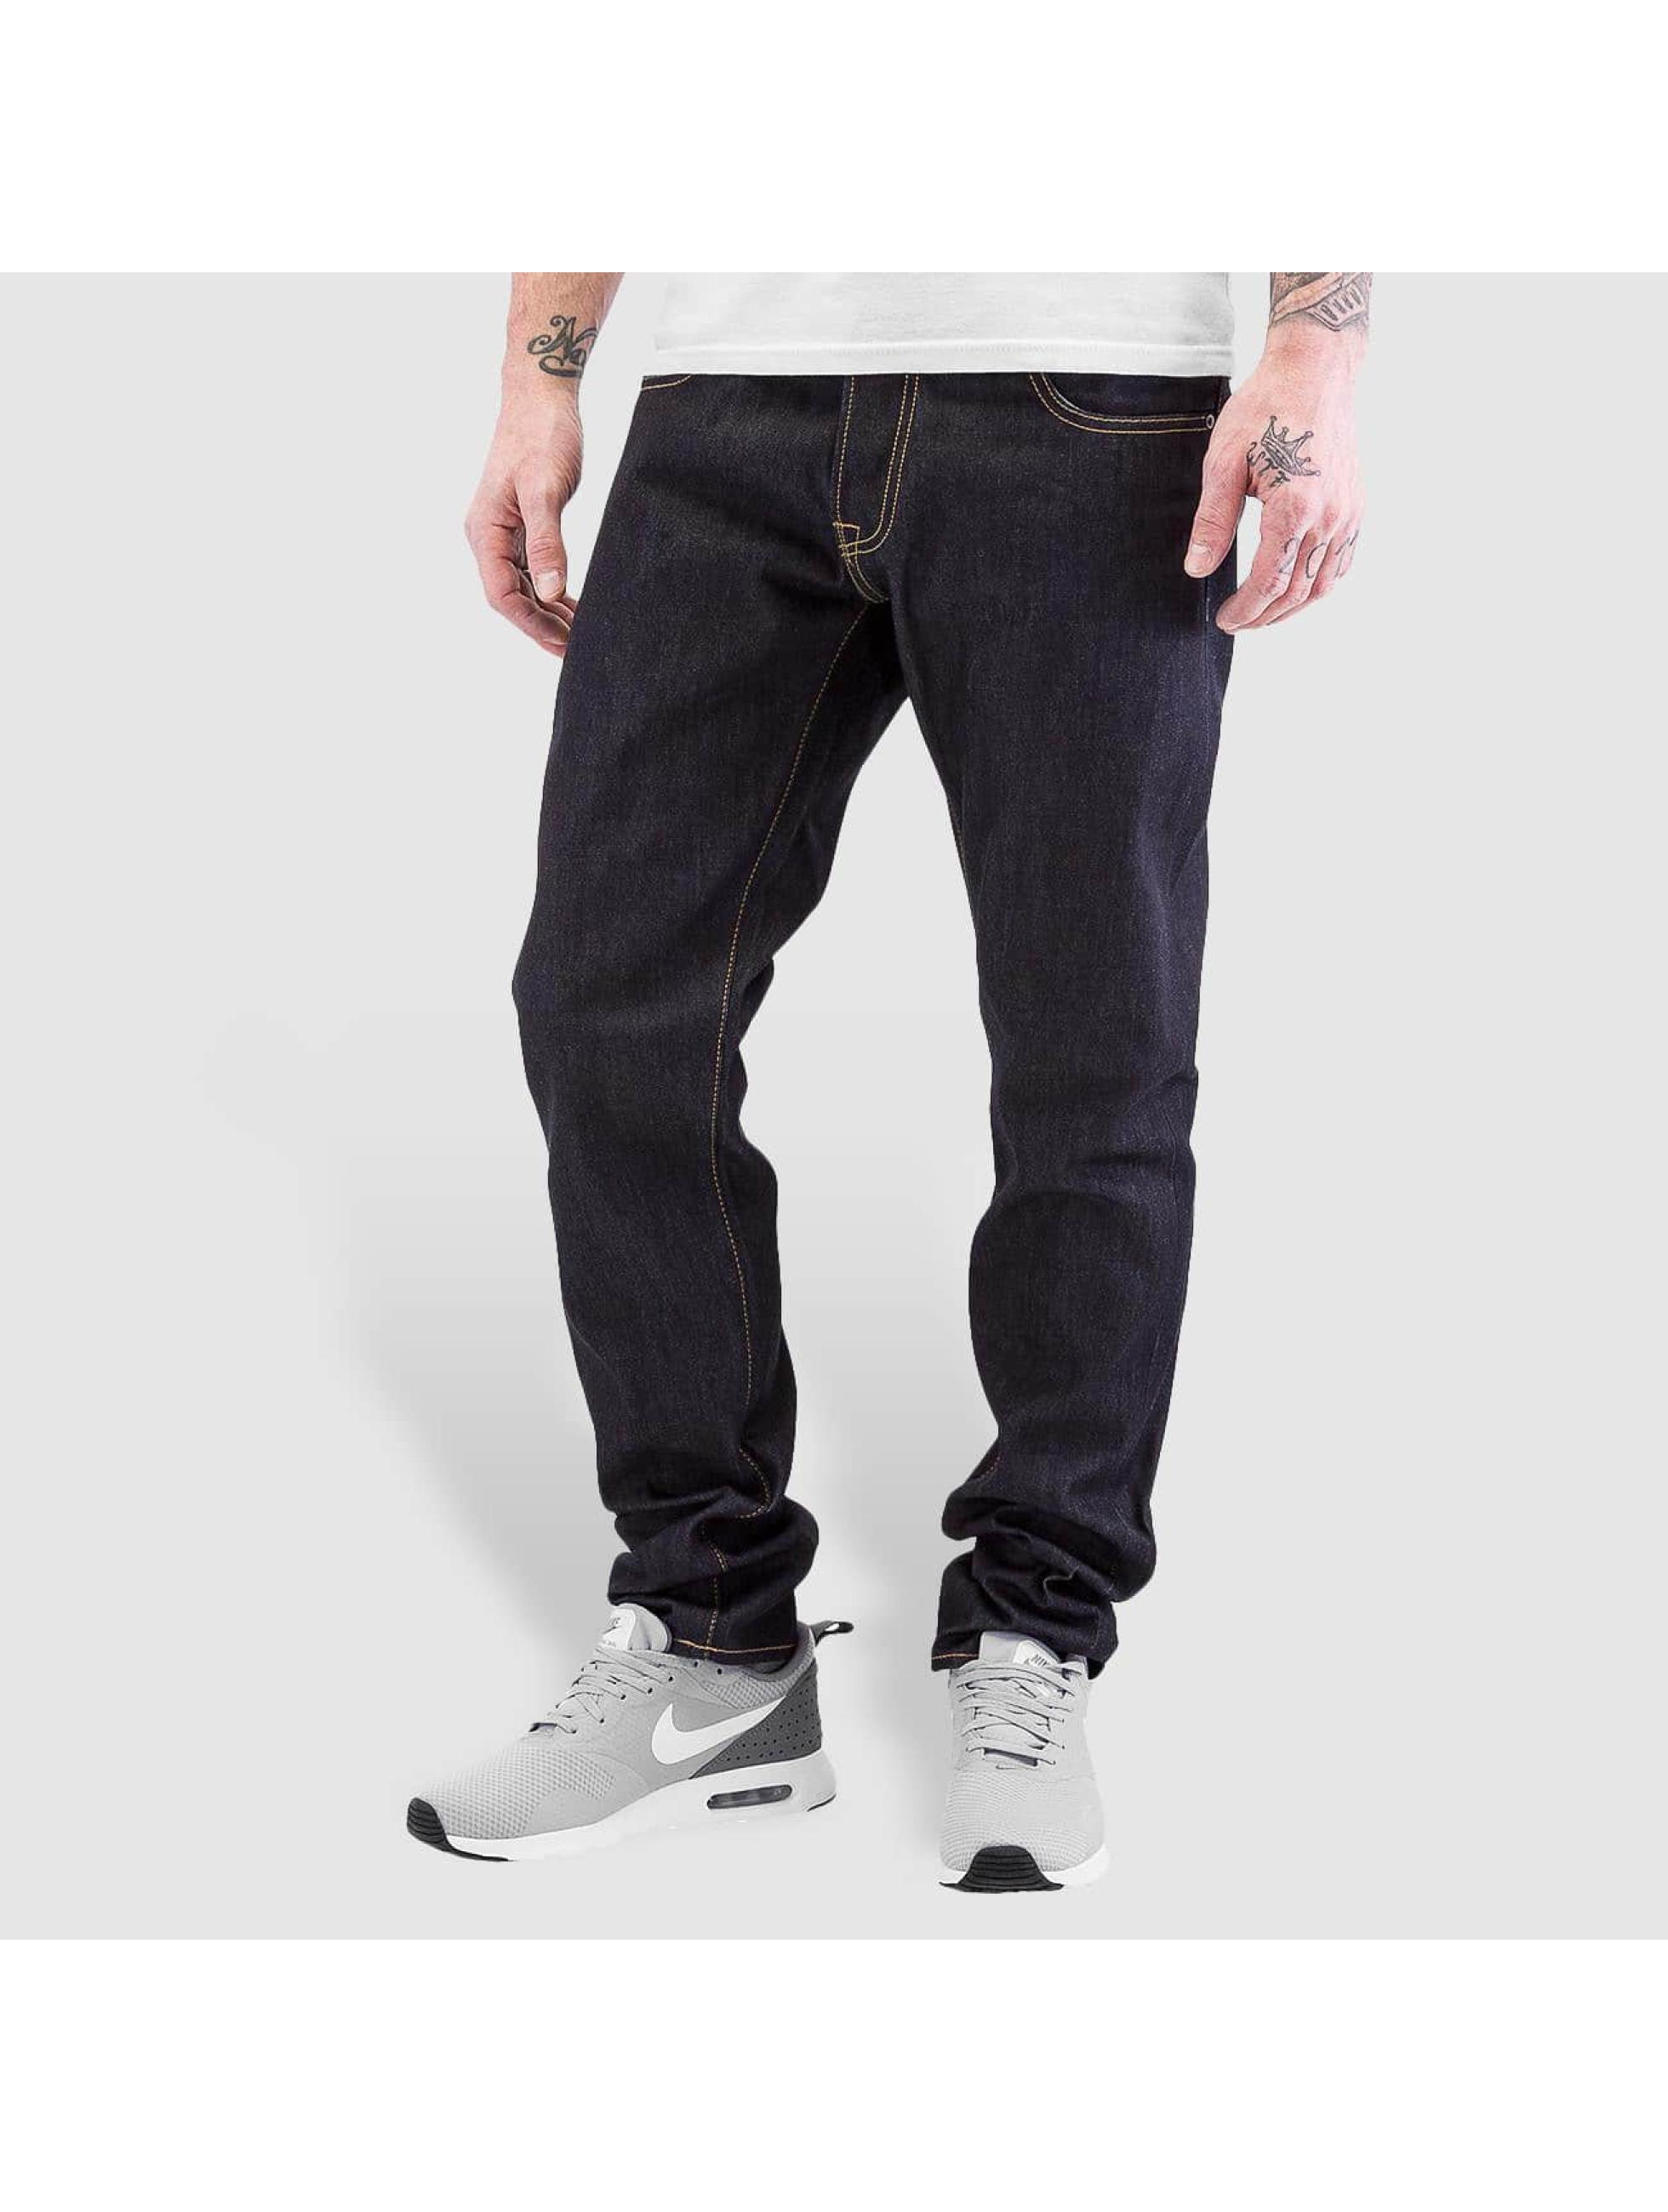 Carhartt WIP Hanford Buccaneer Jeans Blue Rigid Sale Angebote Dissen-Striesow